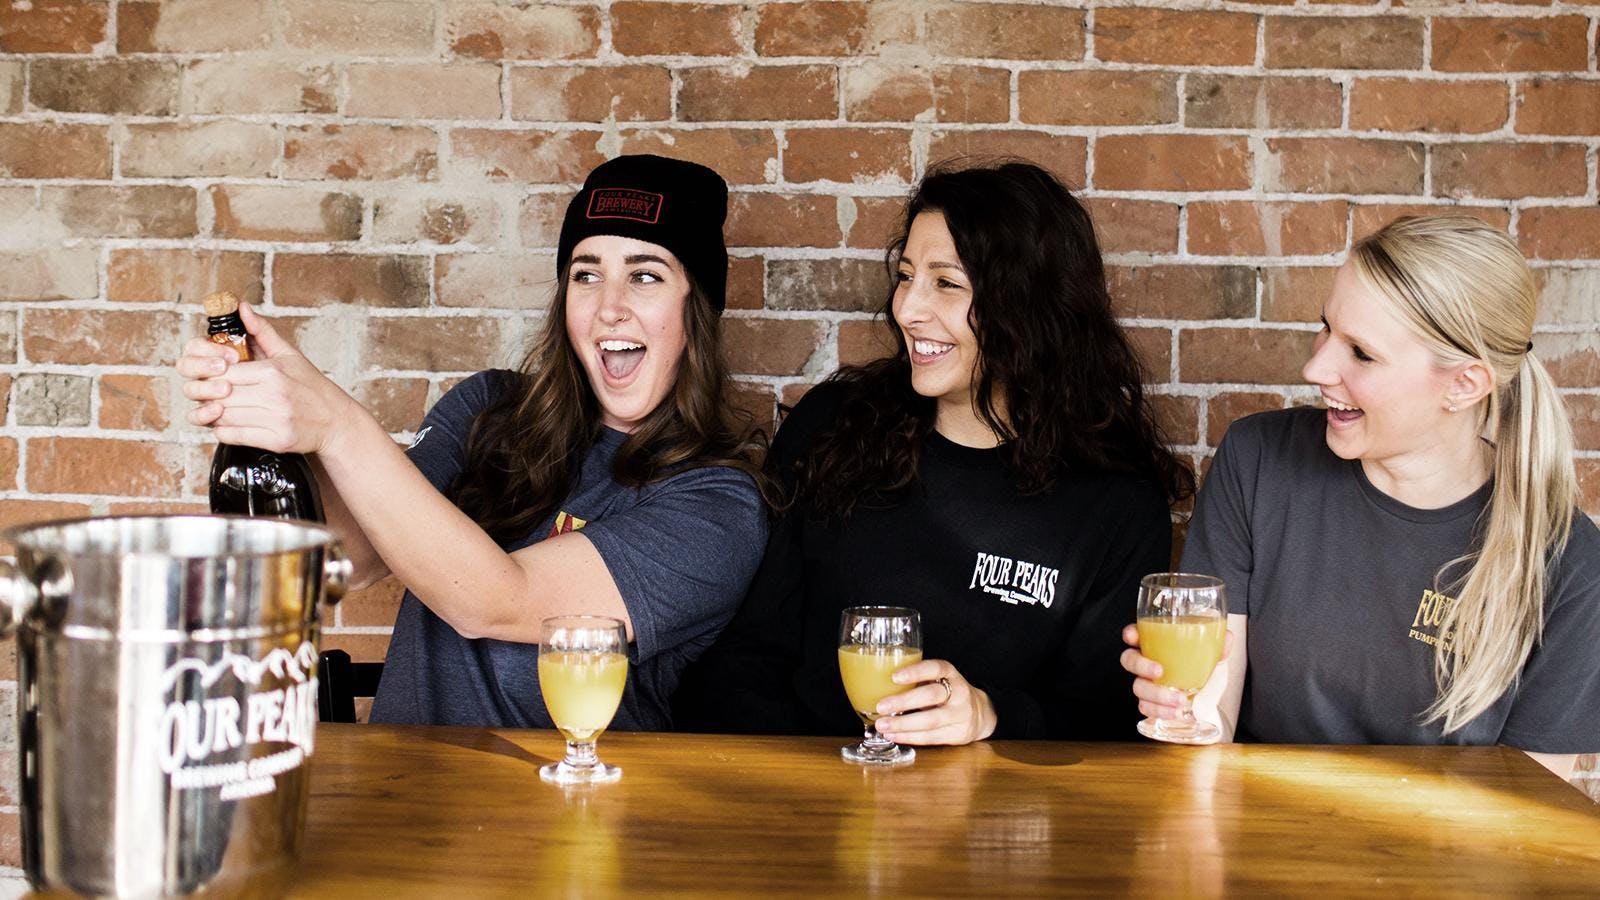 Four Peaks 8th Street Beer Brunch